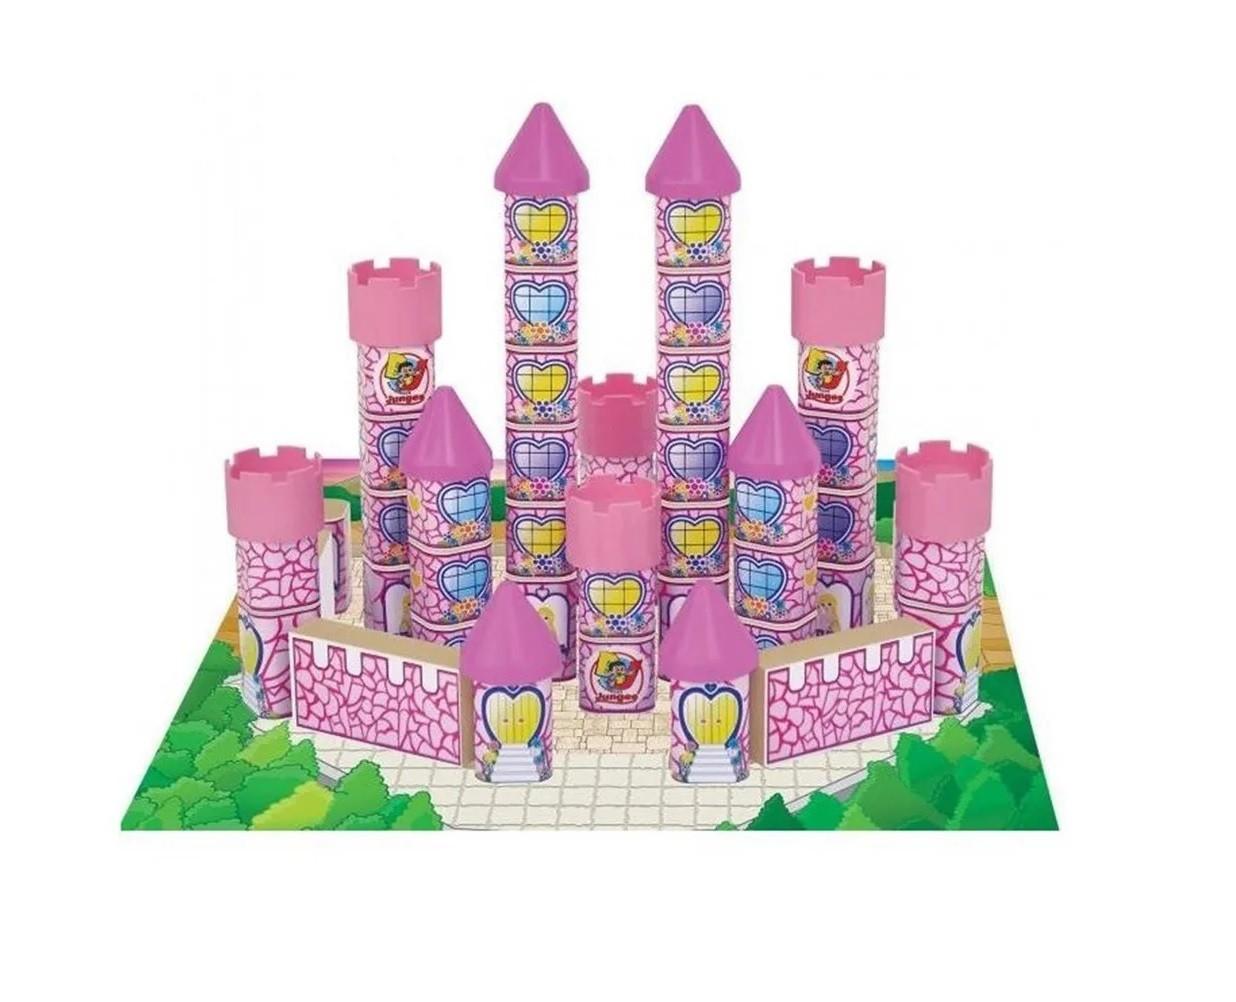 Blocos Castelo das Fadas em Madeira - Junges